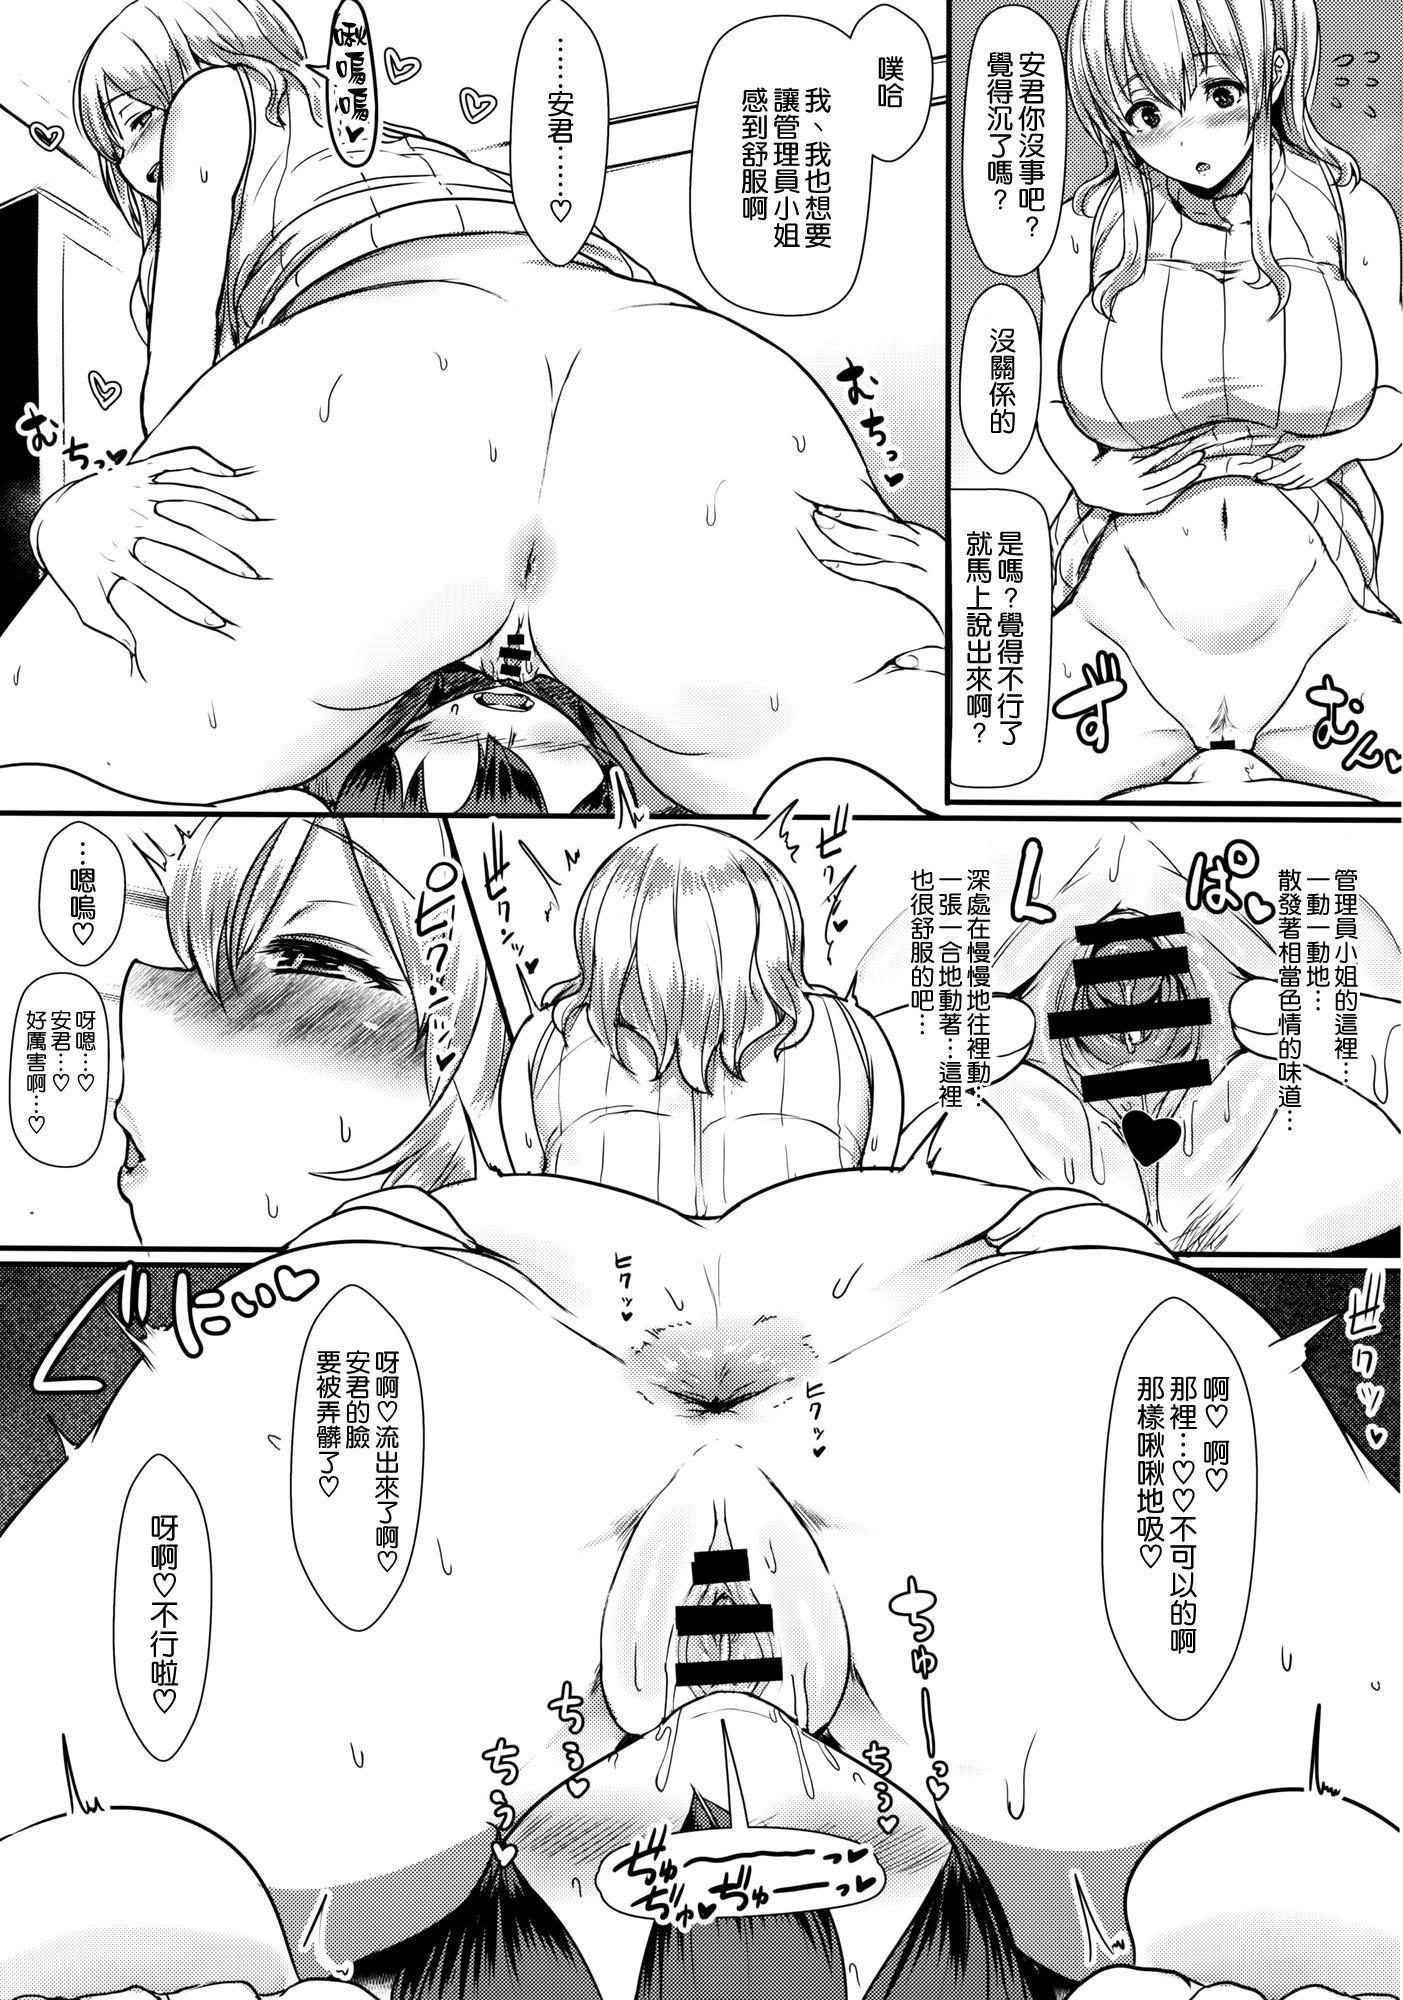 Kimi wa Kanojo no Kanrika ni Iru. 10